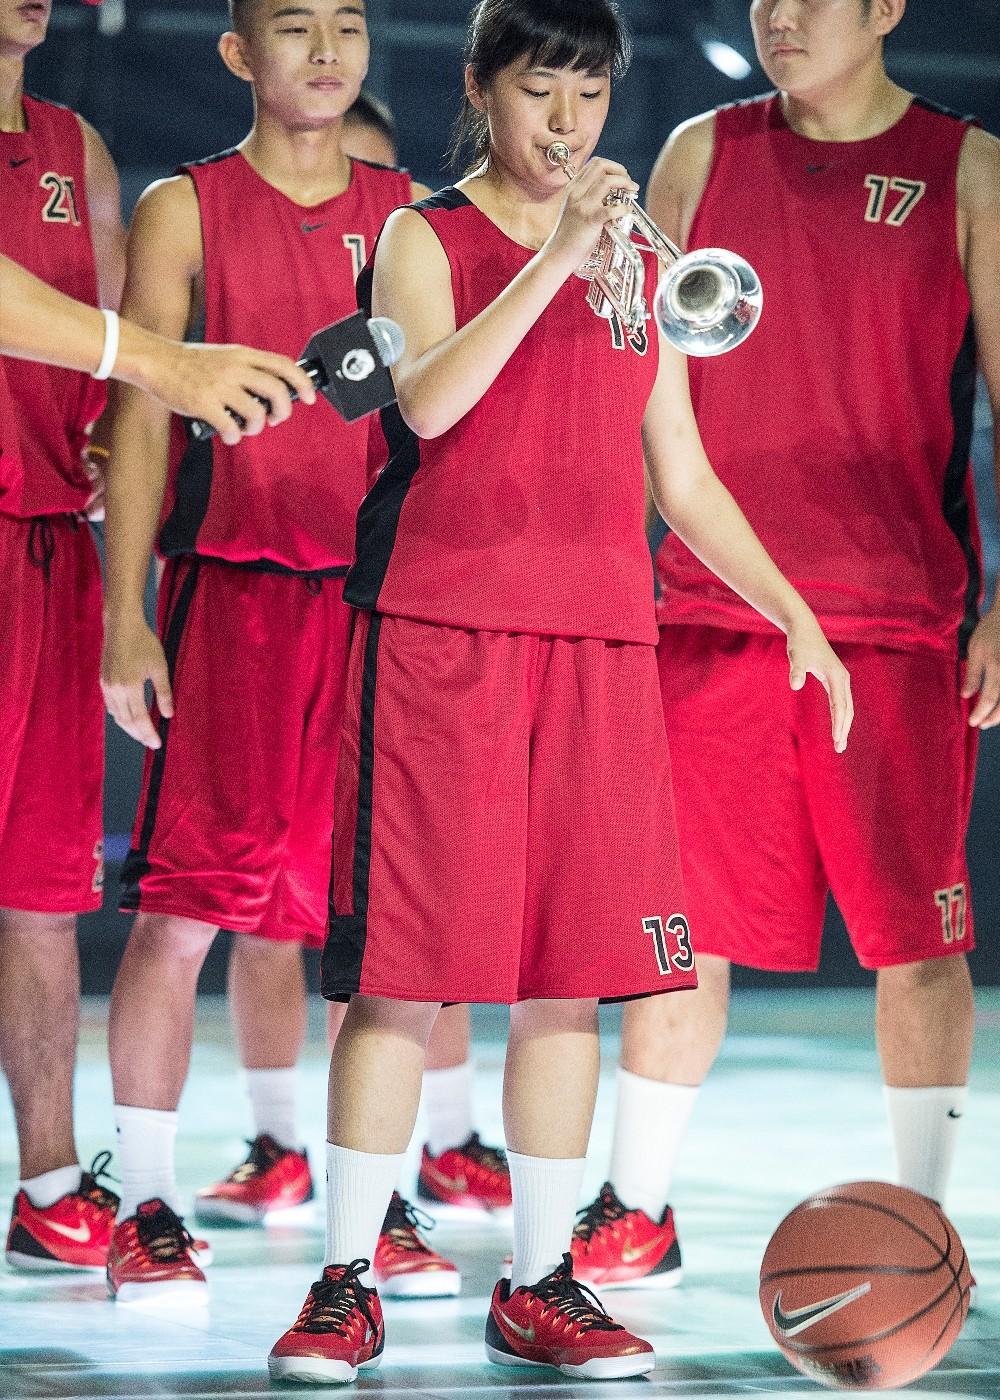 李旻庭:籃球是我的第二愛好